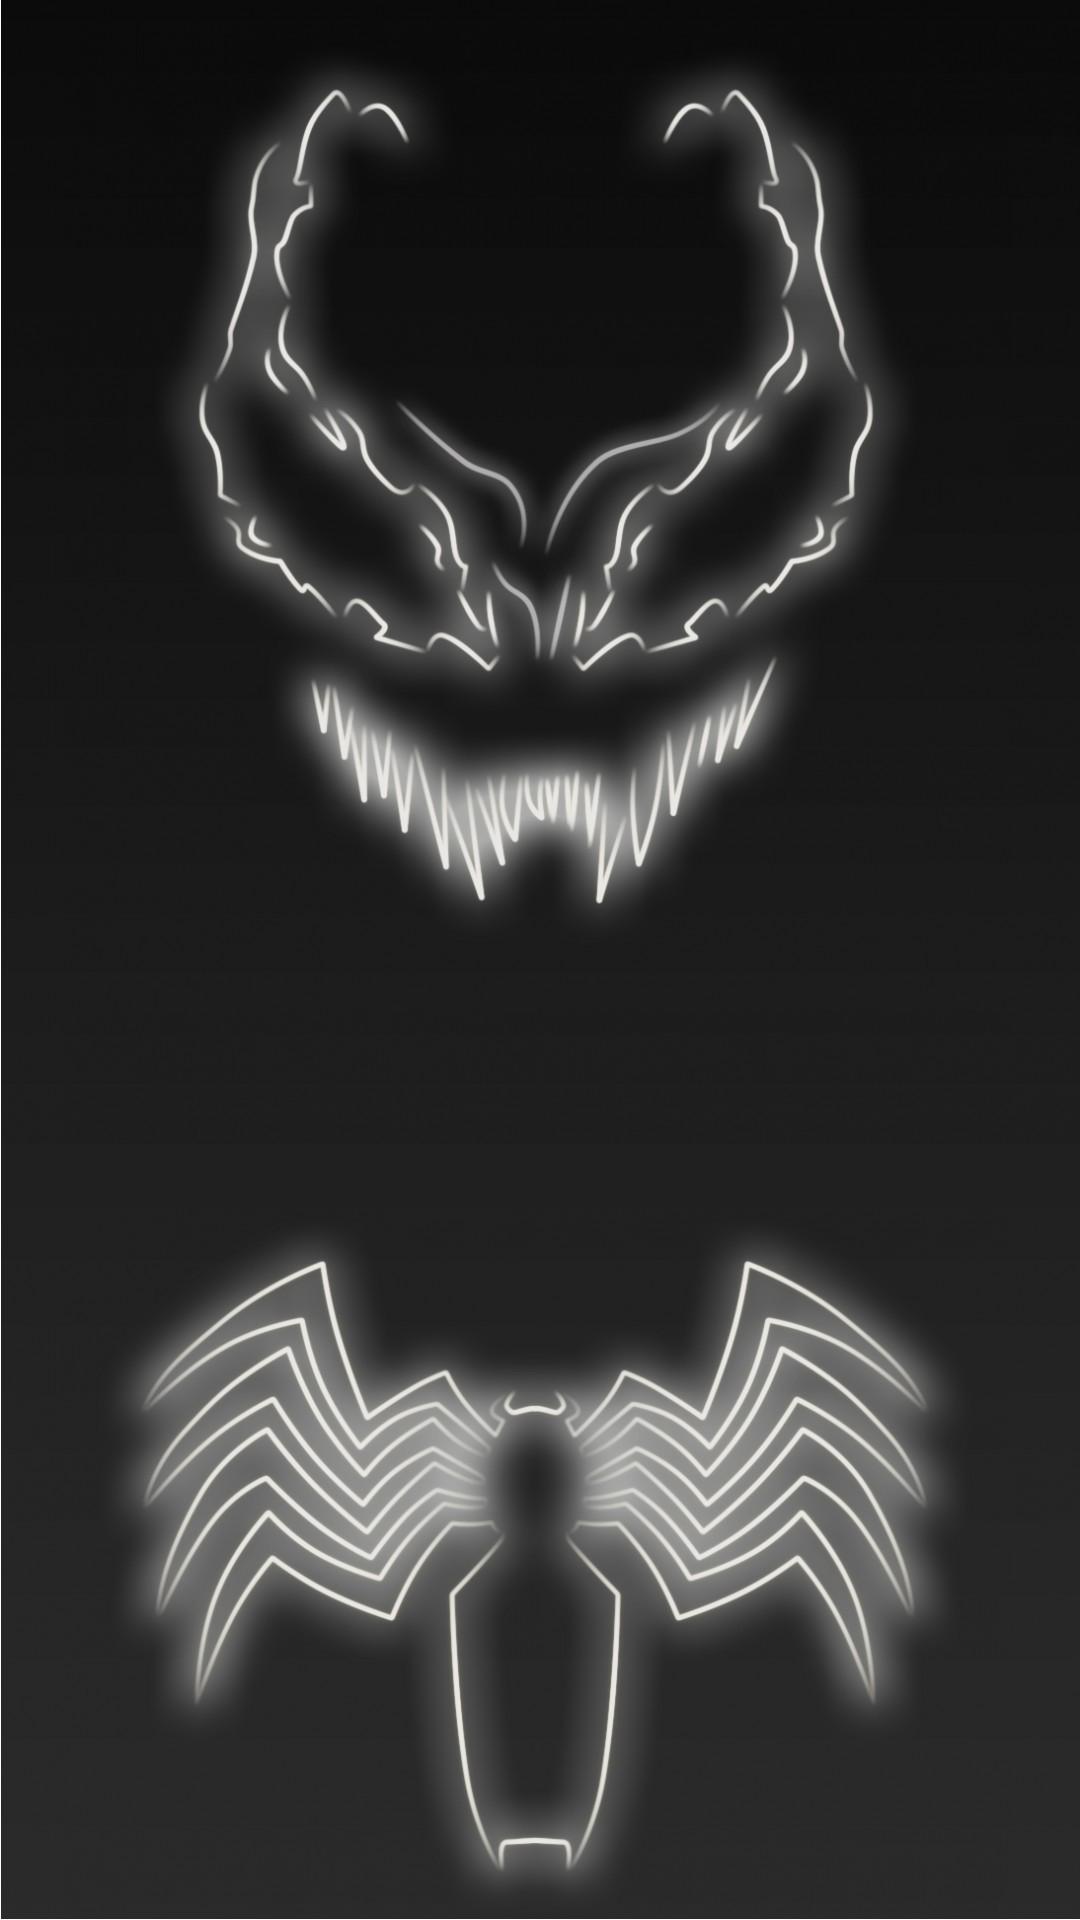 Neon Light Venom 1080 x 1920 Wallpapers disponible en téléchargement  gratuit.